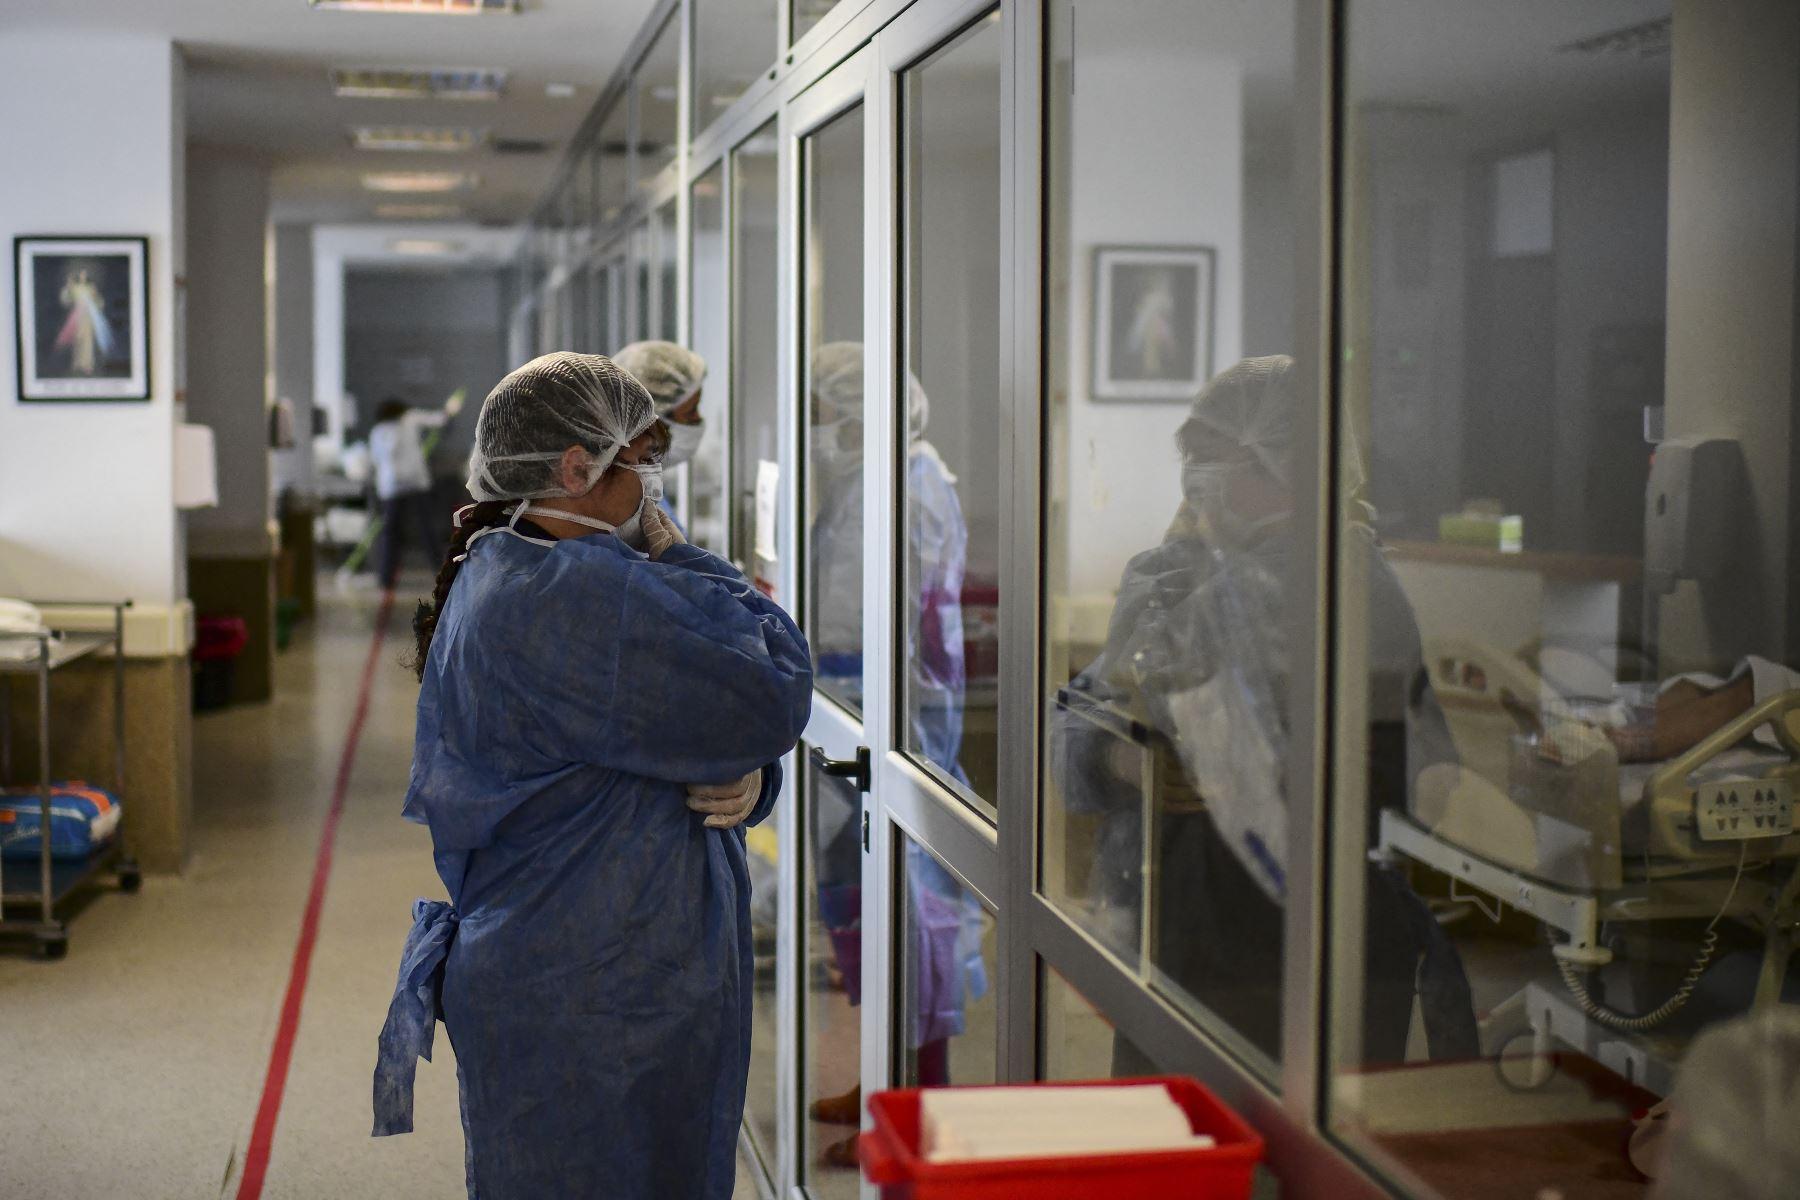 Una mujer reza mientras visita a un familiar infectado con COVID-19 en la Unidad de Cuidados Intensivos del Hospital El Cruce - Dr. Nestor Kirchner en Florencio Varela, Argentina el 13 de abril de 2021. Foto: AFP